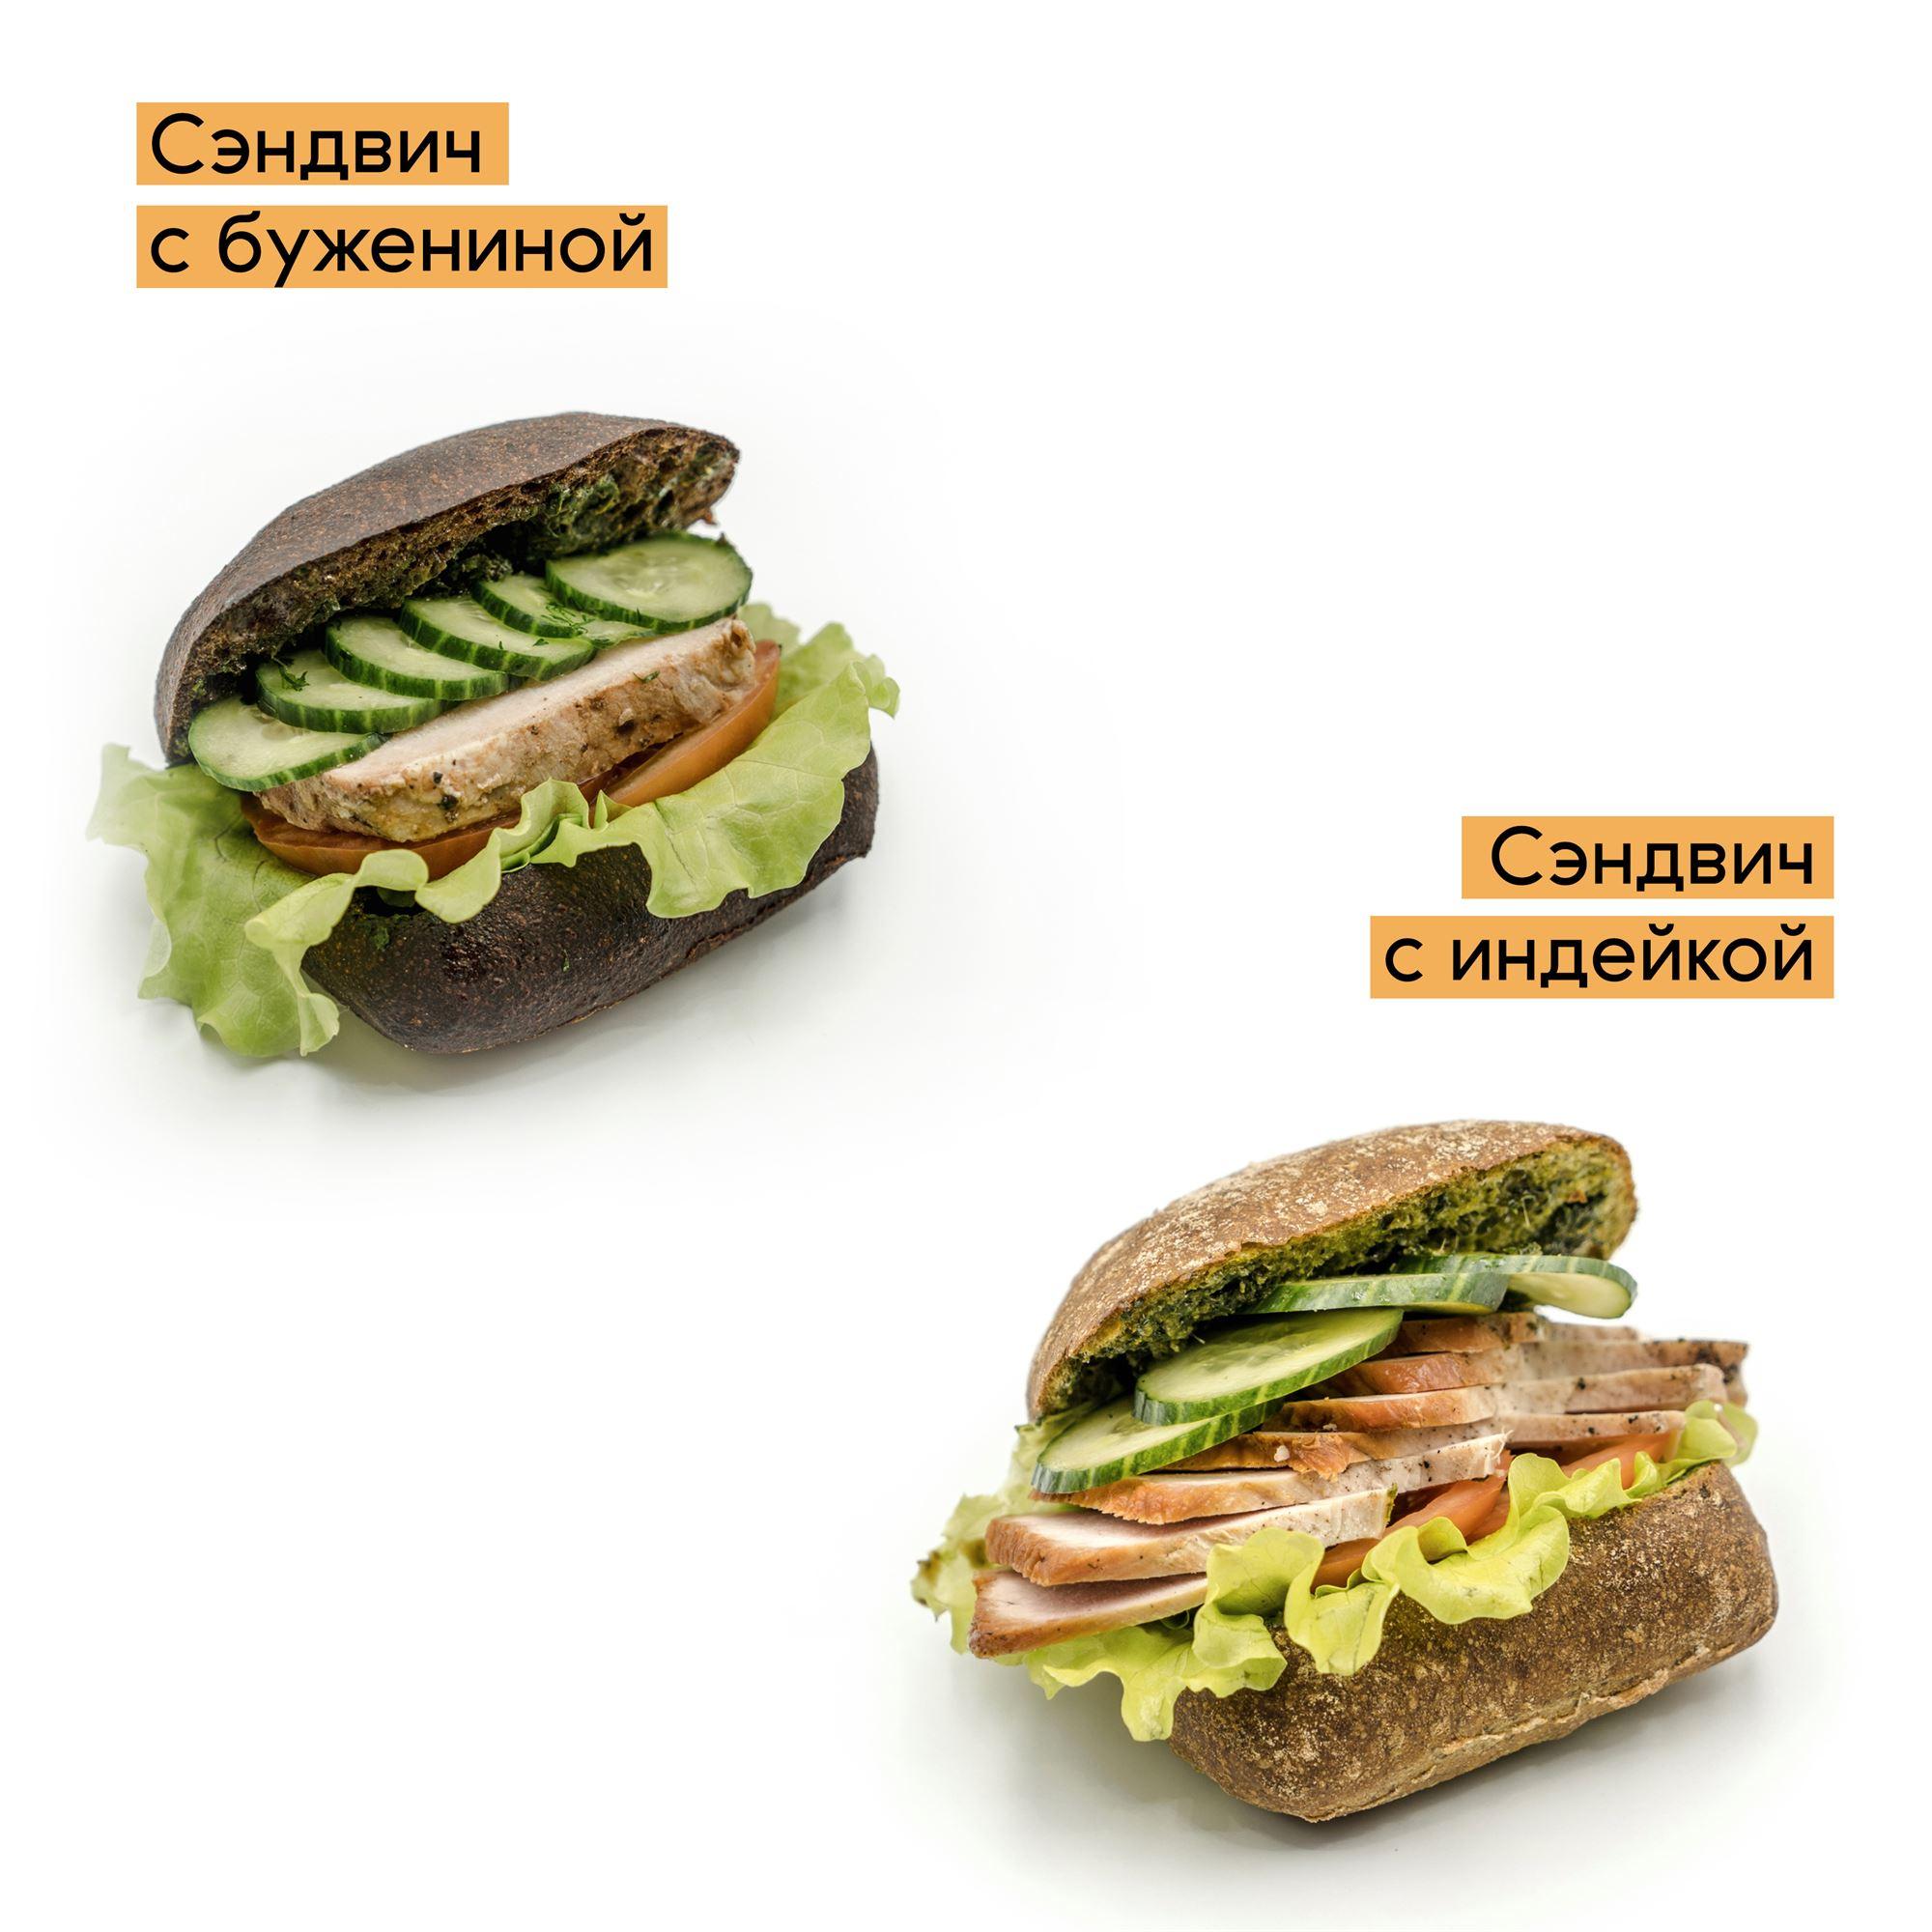 Изменения сэндвичей